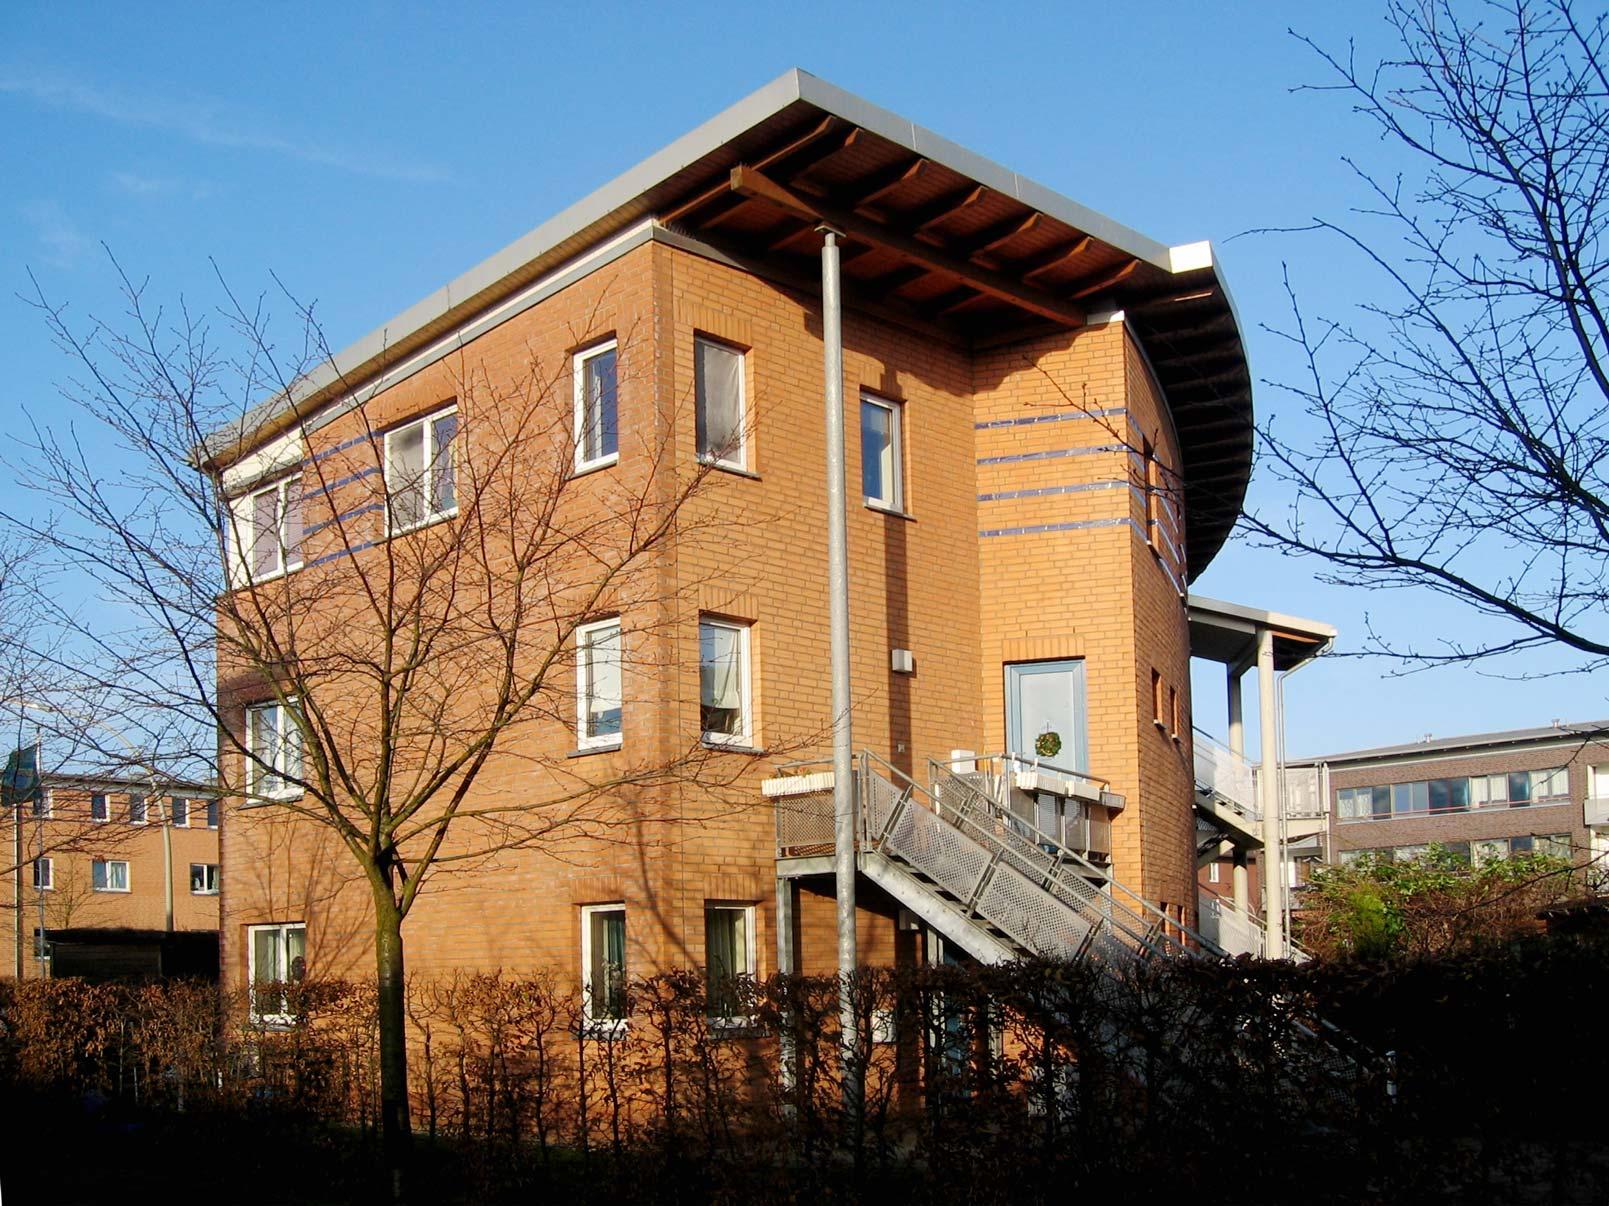 Mehrfamilienhaus Schnecke in Allermöhe